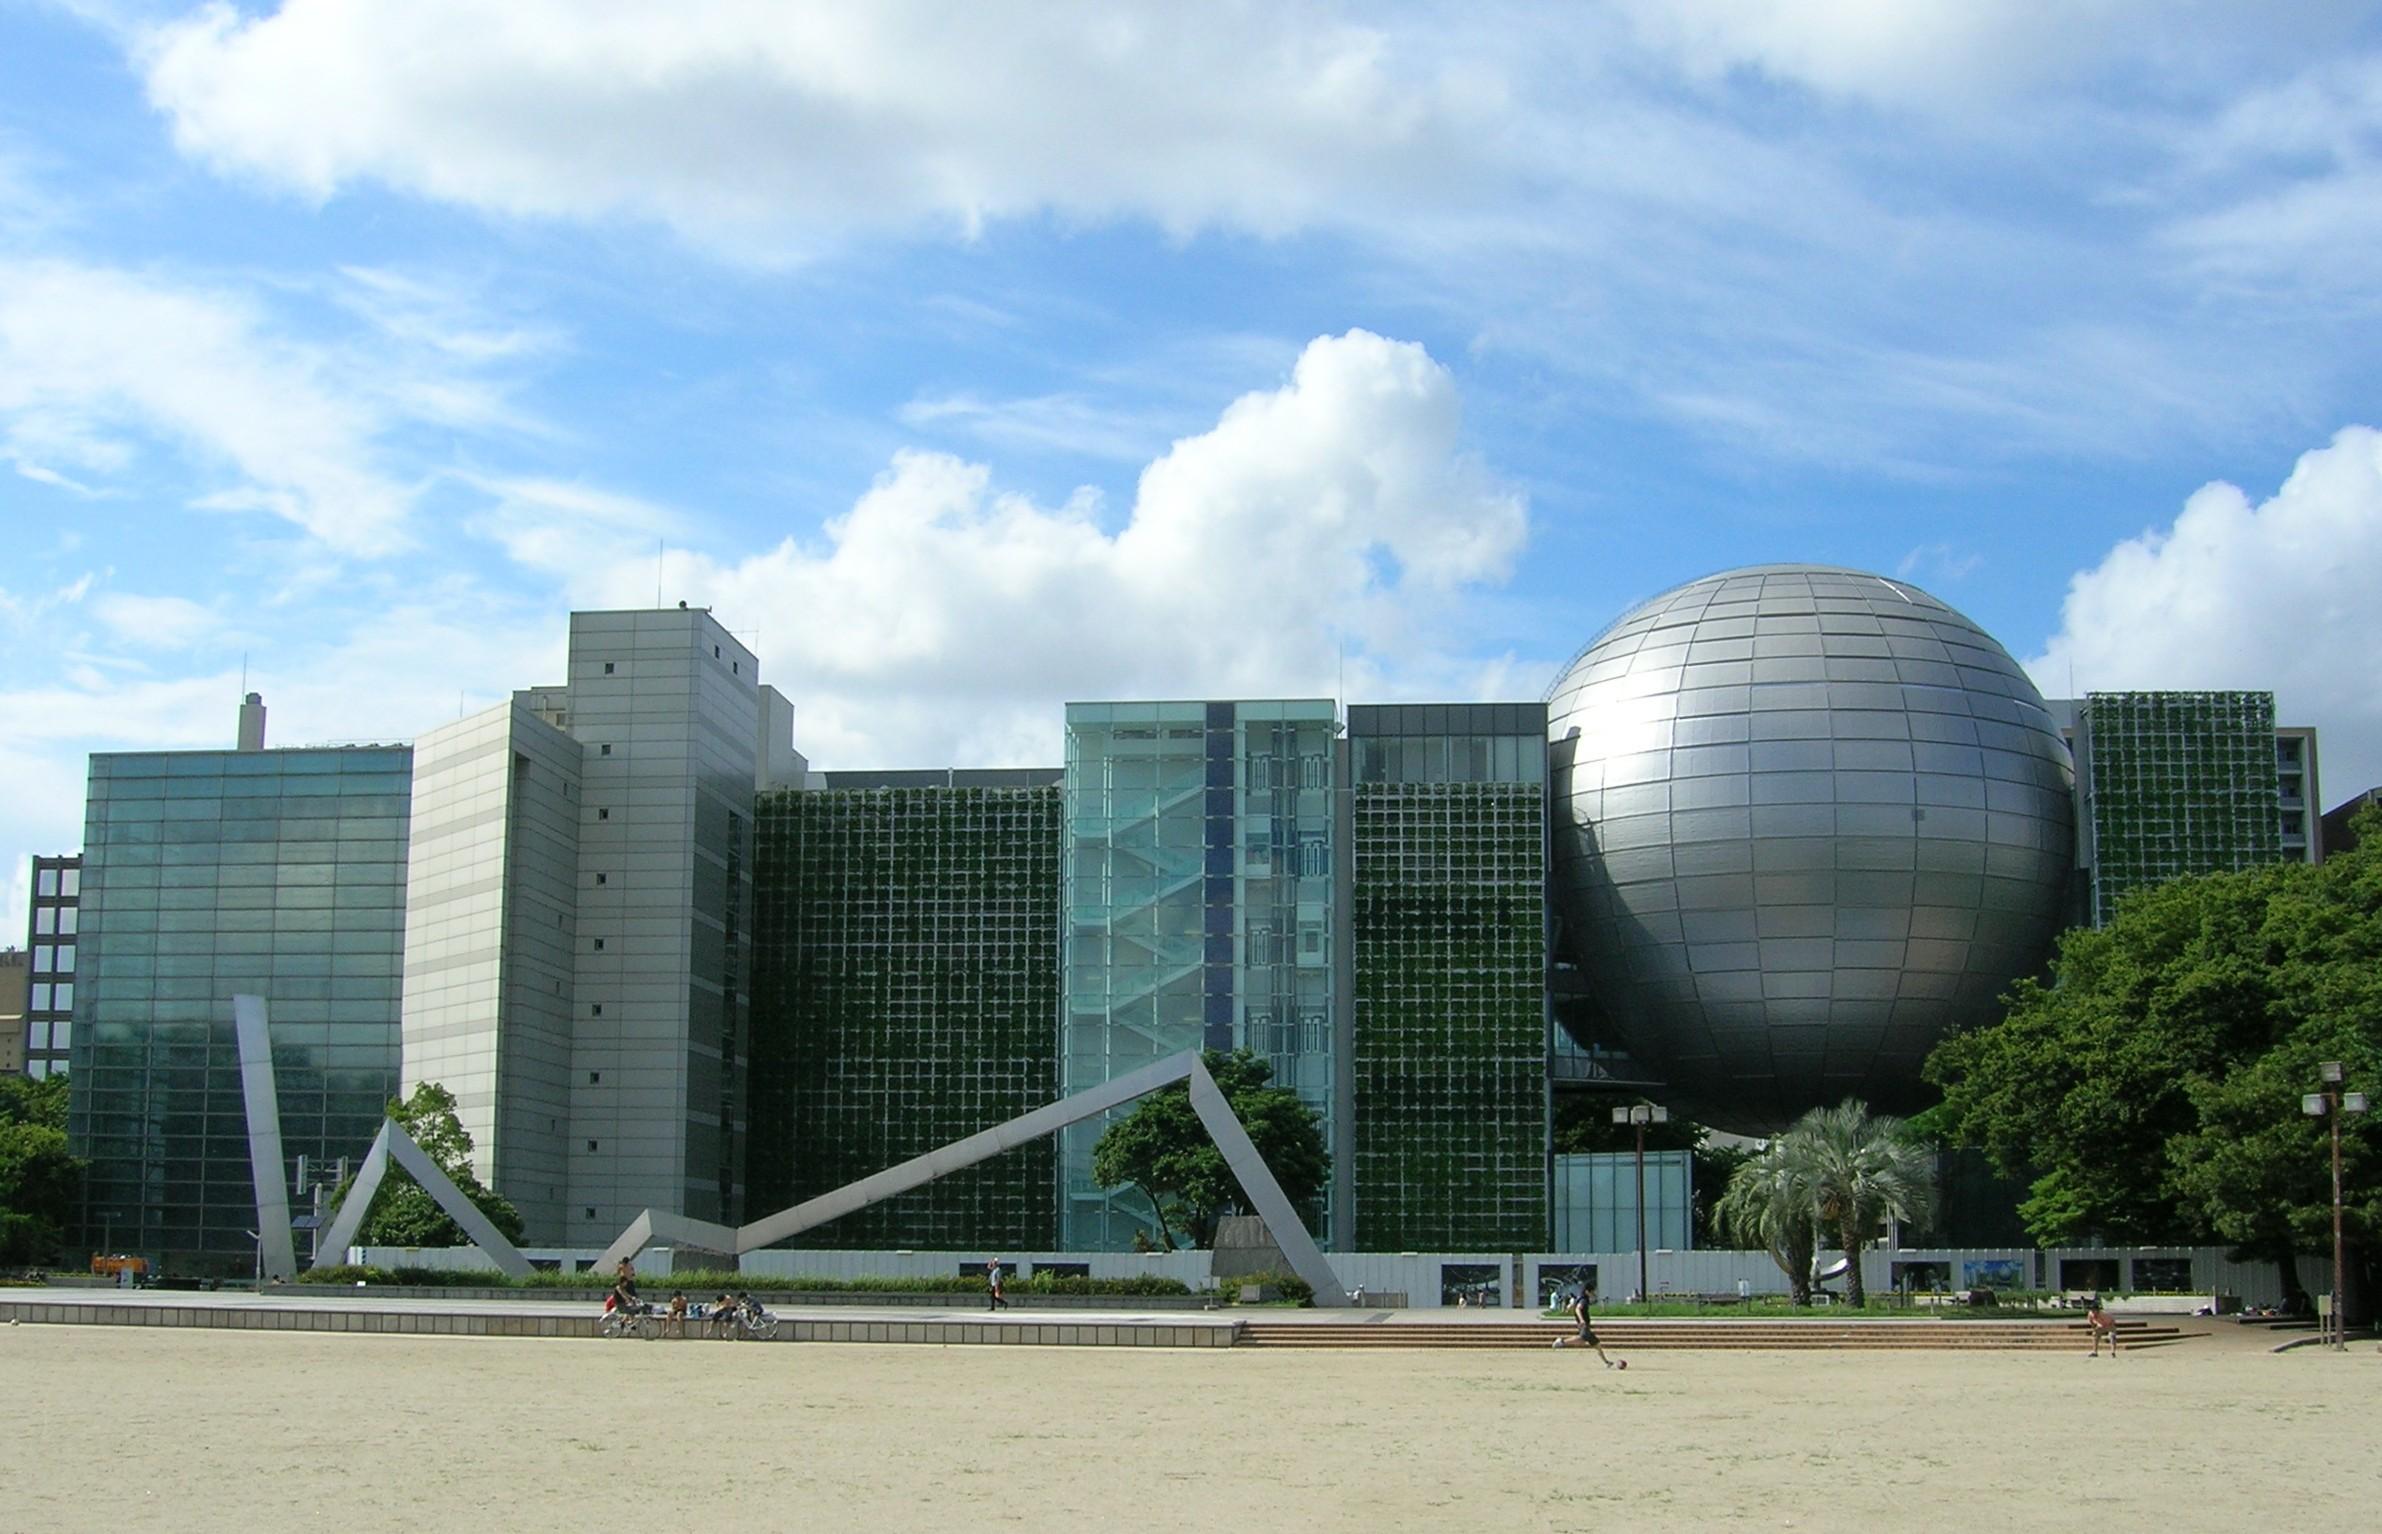 Nagoya City Science Museum-june 2011.jpg